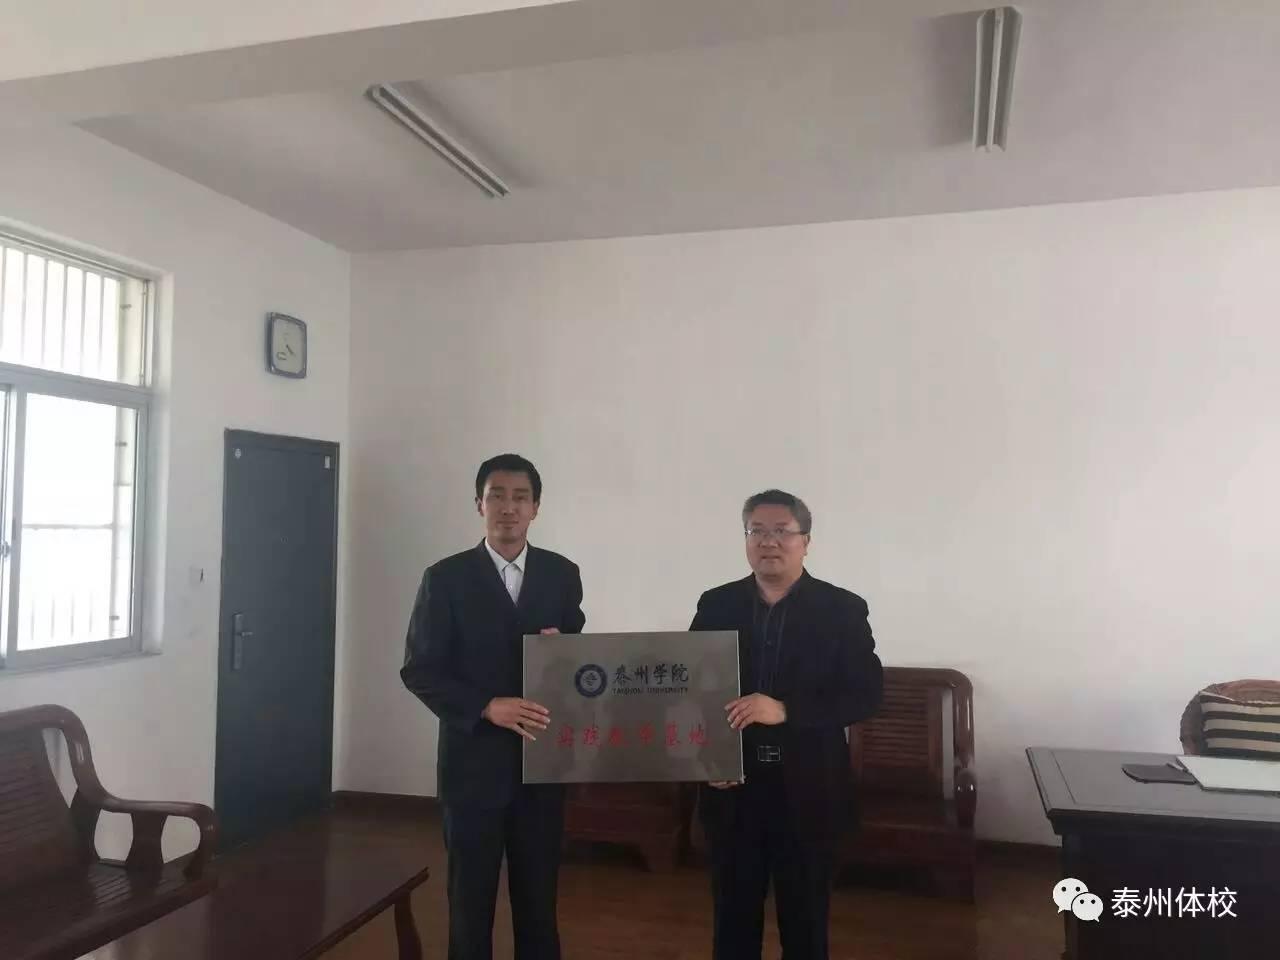 【合作】市体校与泰州学院举行教学实践基地签约挂牌仪式